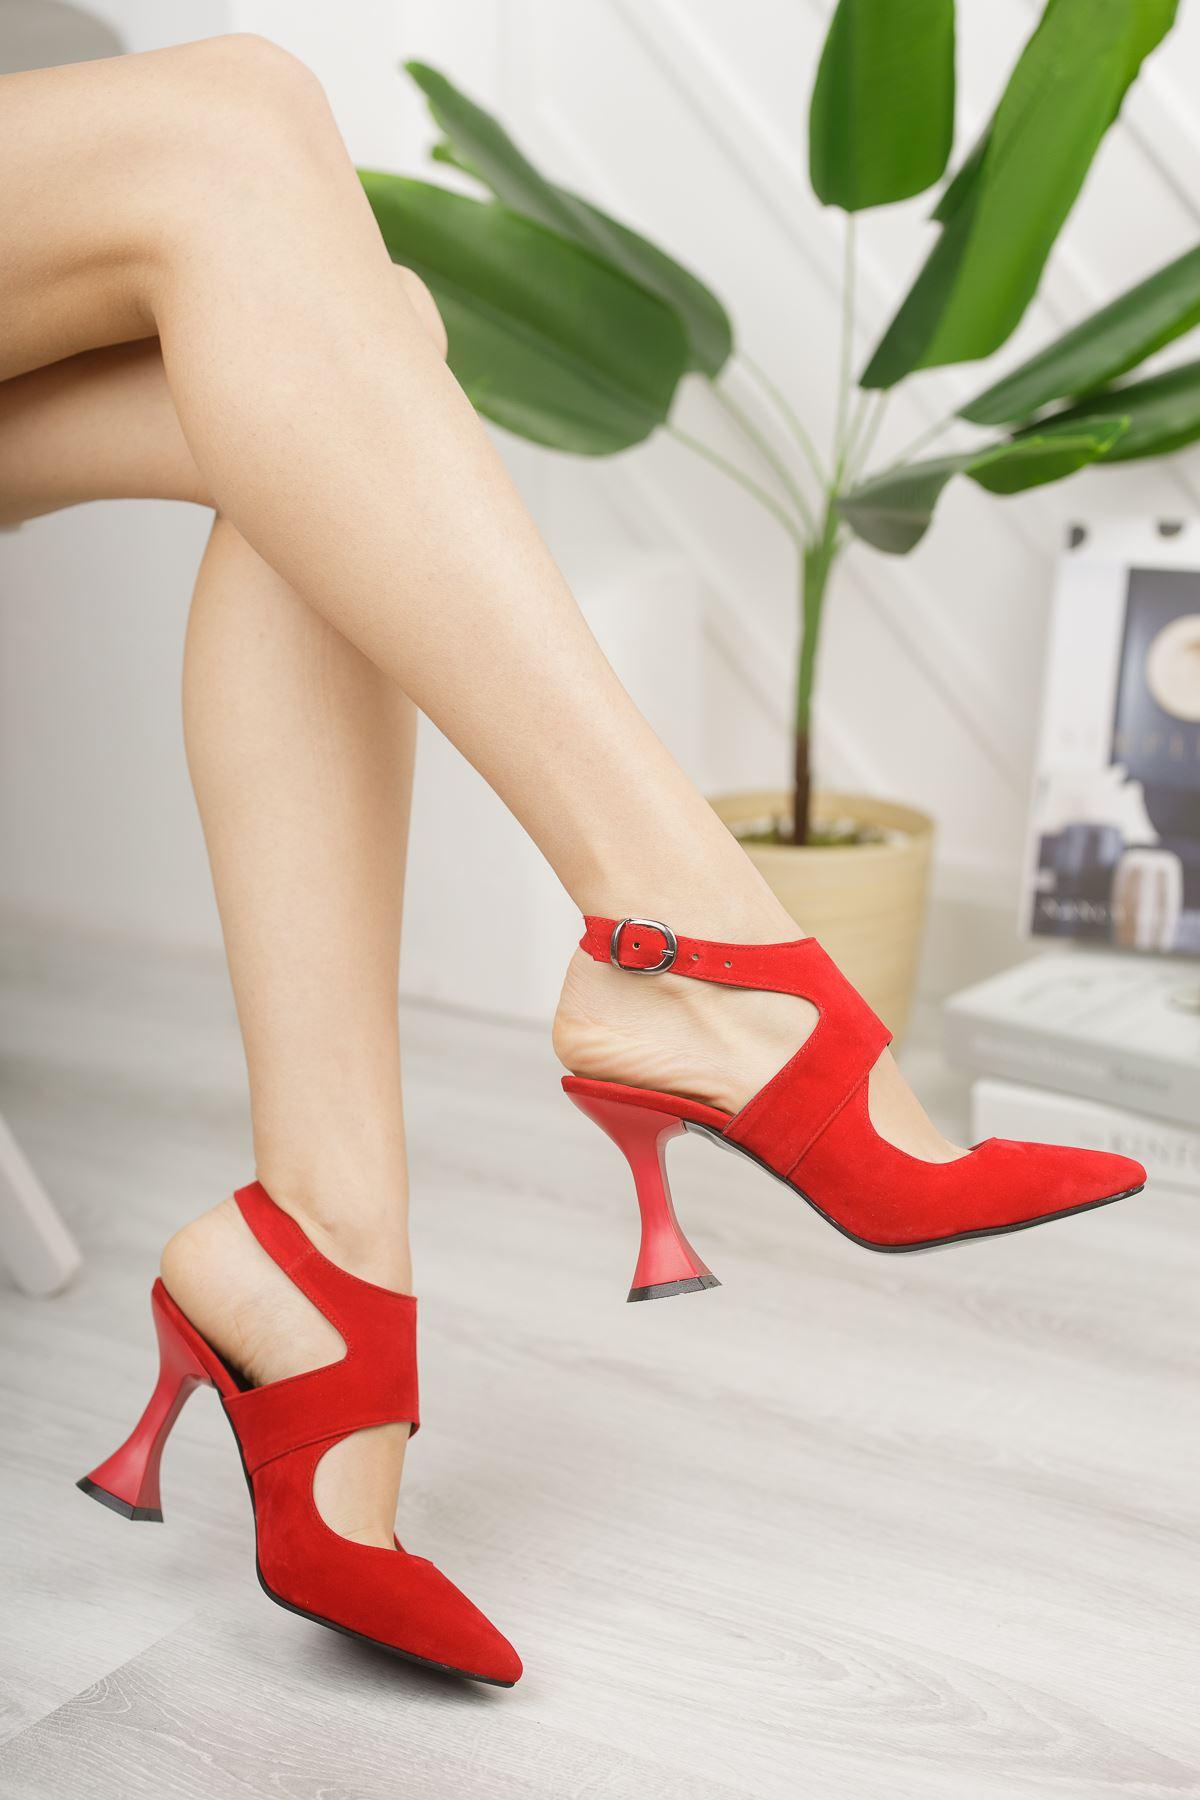 Kadın Forever Sivri Burun Yüksek Topuklu Kırmızı Süet Ayakkabı